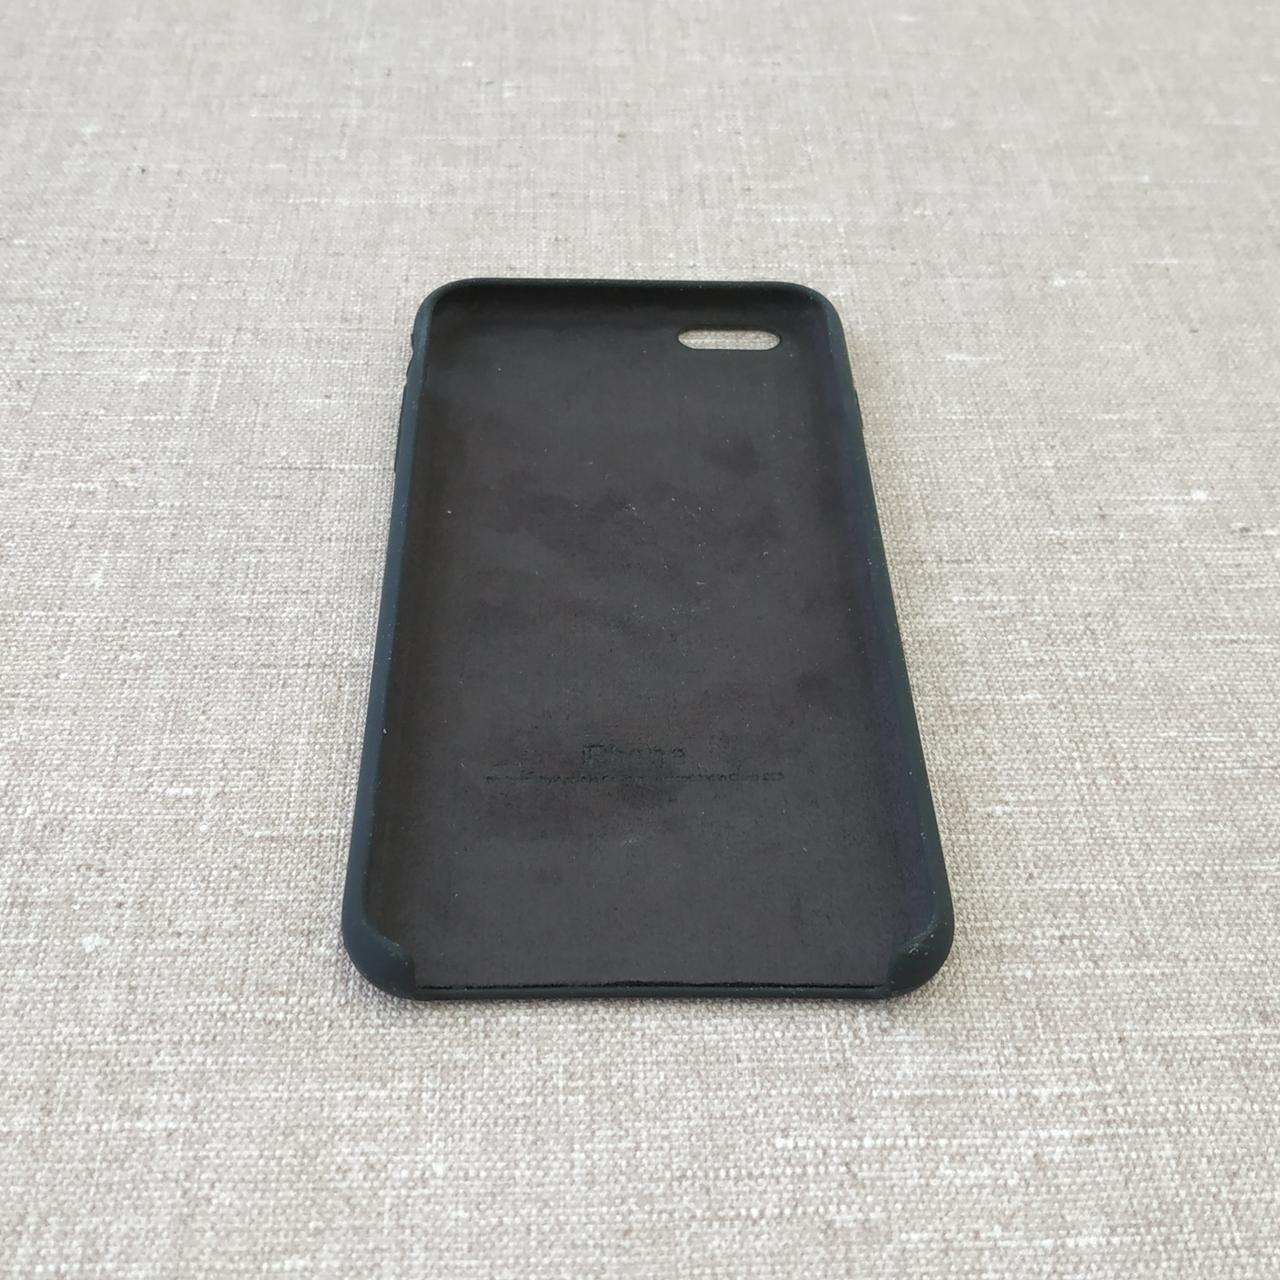 Apple iPhone 6 Plus black